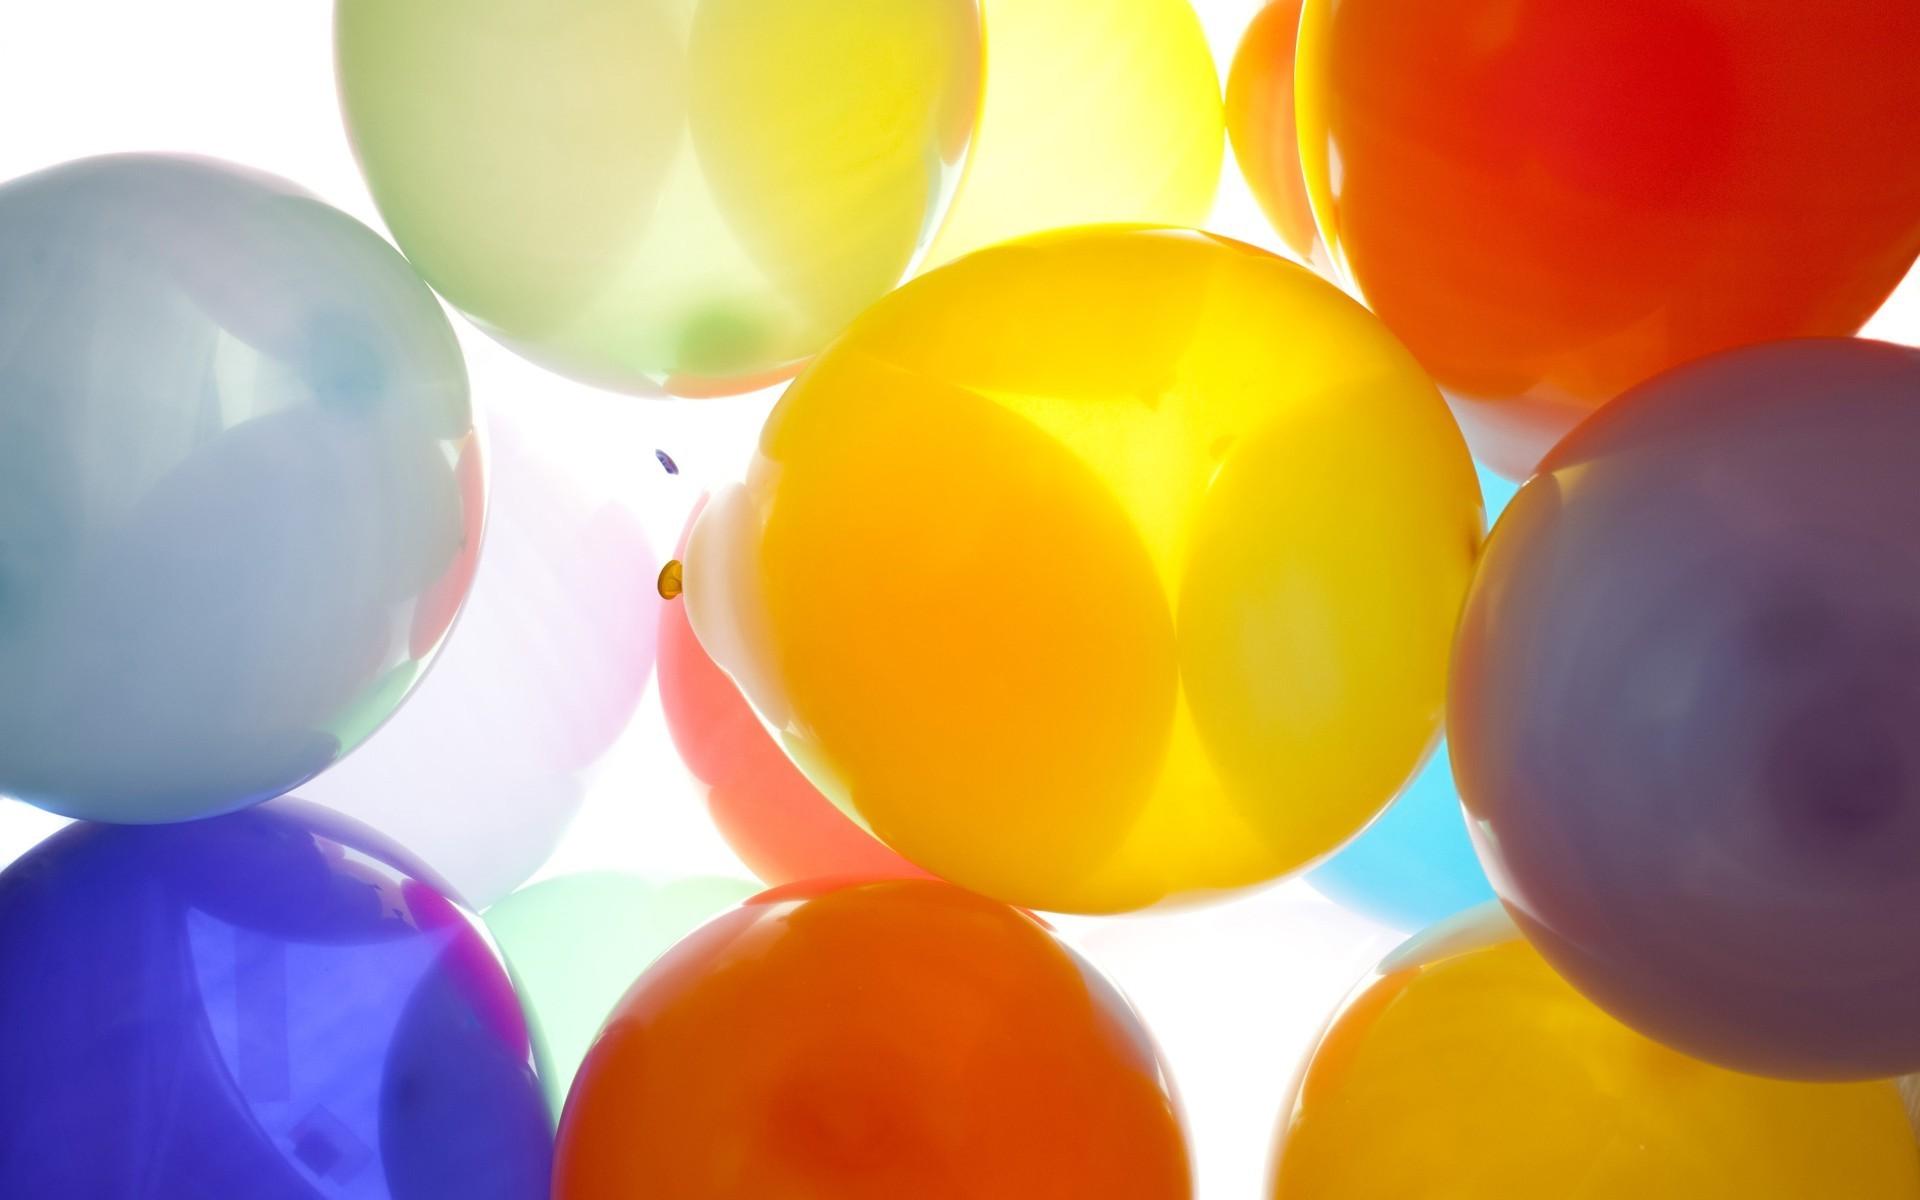 картинка с разноцветными шариками сама